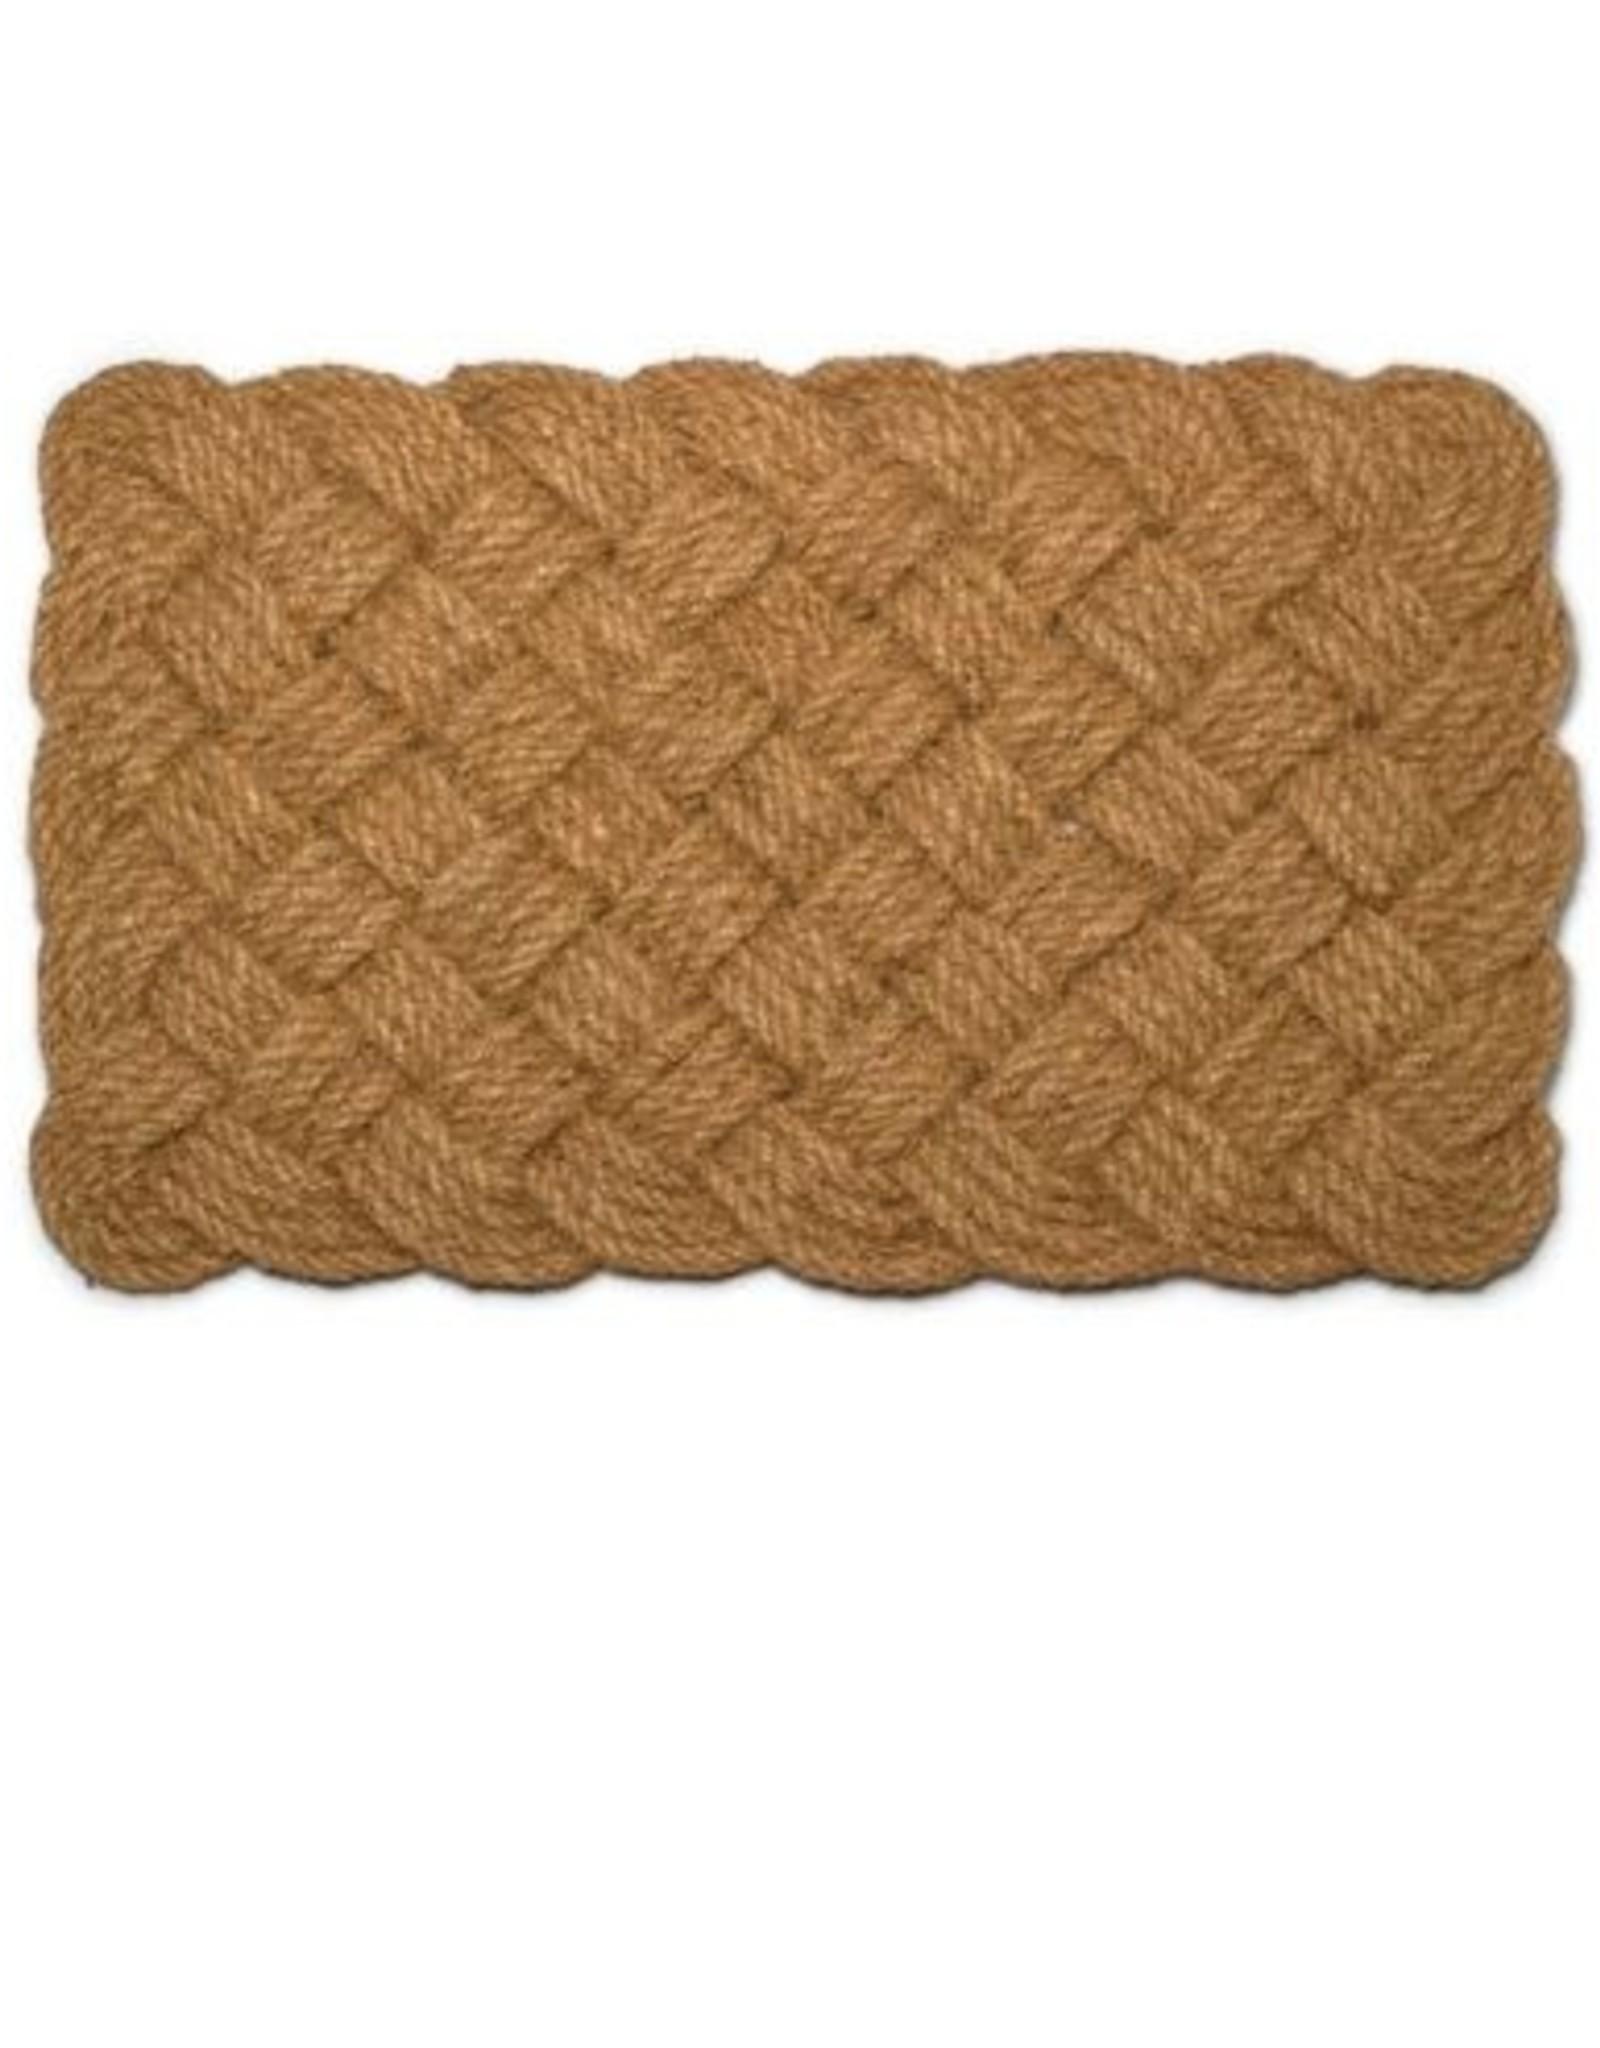 Natural Woven Rope Doormat